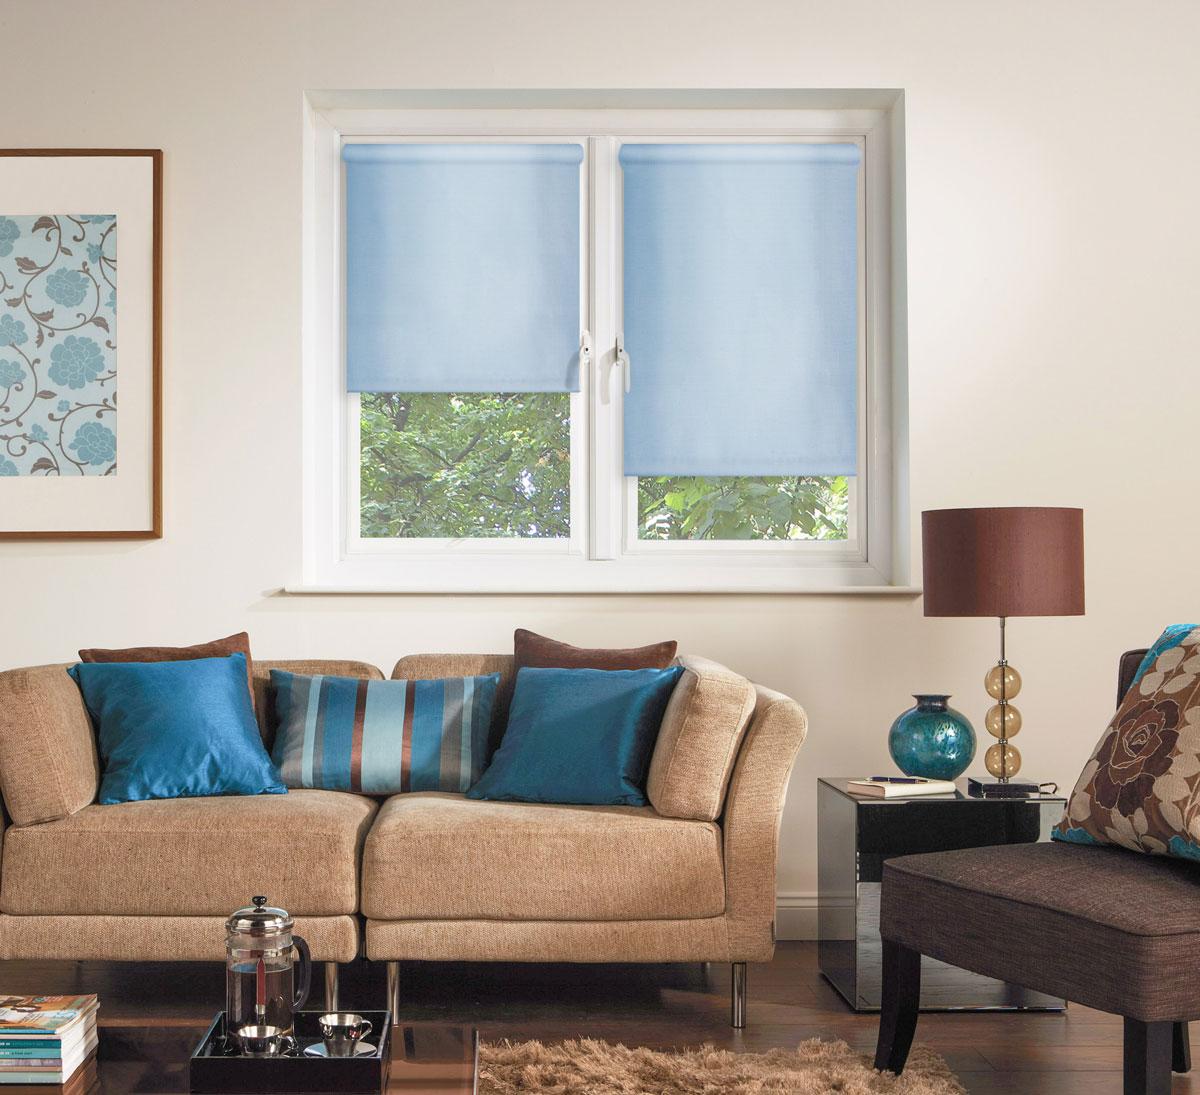 Штора рулонная KauffOrt Миниролло, цвет: голубой, ширина 73 см, высота 170 см3073005Рулонная штора KauffOrt Миниролло выполнена из высокопрочной ткани, которая сохраняет свой размер даже при намокании. Ткань не выцветает и обладает отличной цветоустойчивостью. Миниролло - это подвид рулонных штор, который закрывает не весь оконный проем, а непосредственно само стекло. Такие шторы крепятся на раму без сверления при помощи зажимов или клейкой двухсторонней ленты (в комплекте). Окно остается на гарантии, благодаря монтажу без сверления. Такая штора станет прекрасным элементом декора окна и гармонично впишется в интерьер любого помещения.